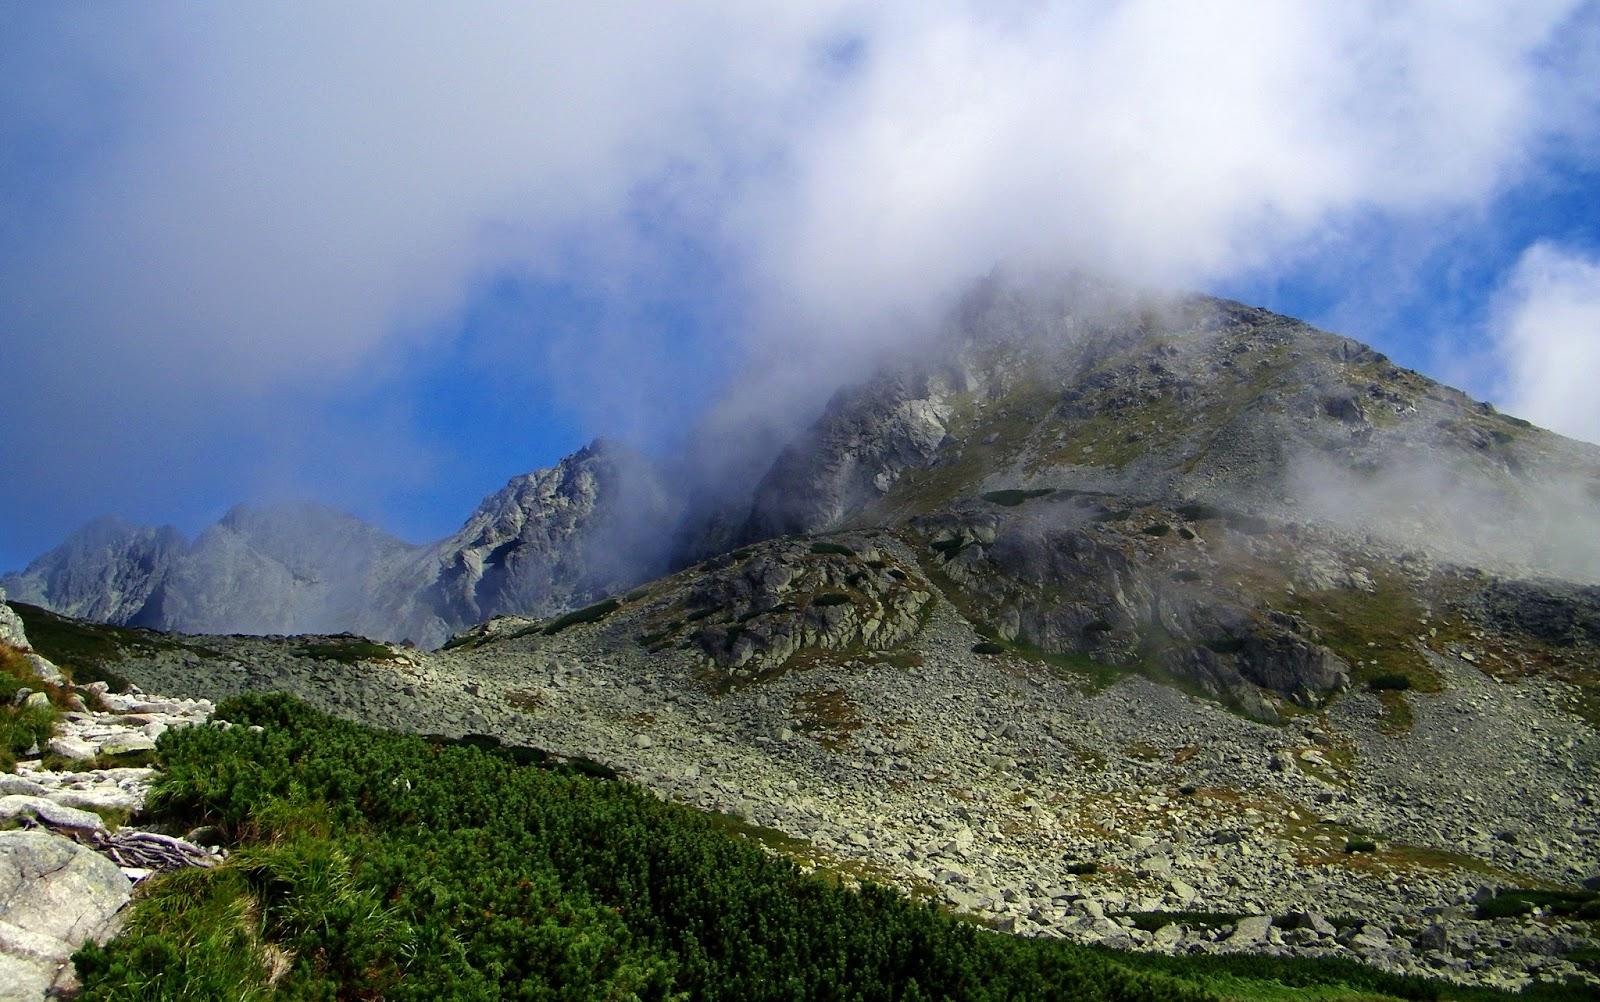 Pogoda w górach - Gdzie sprawdzać prognozy?